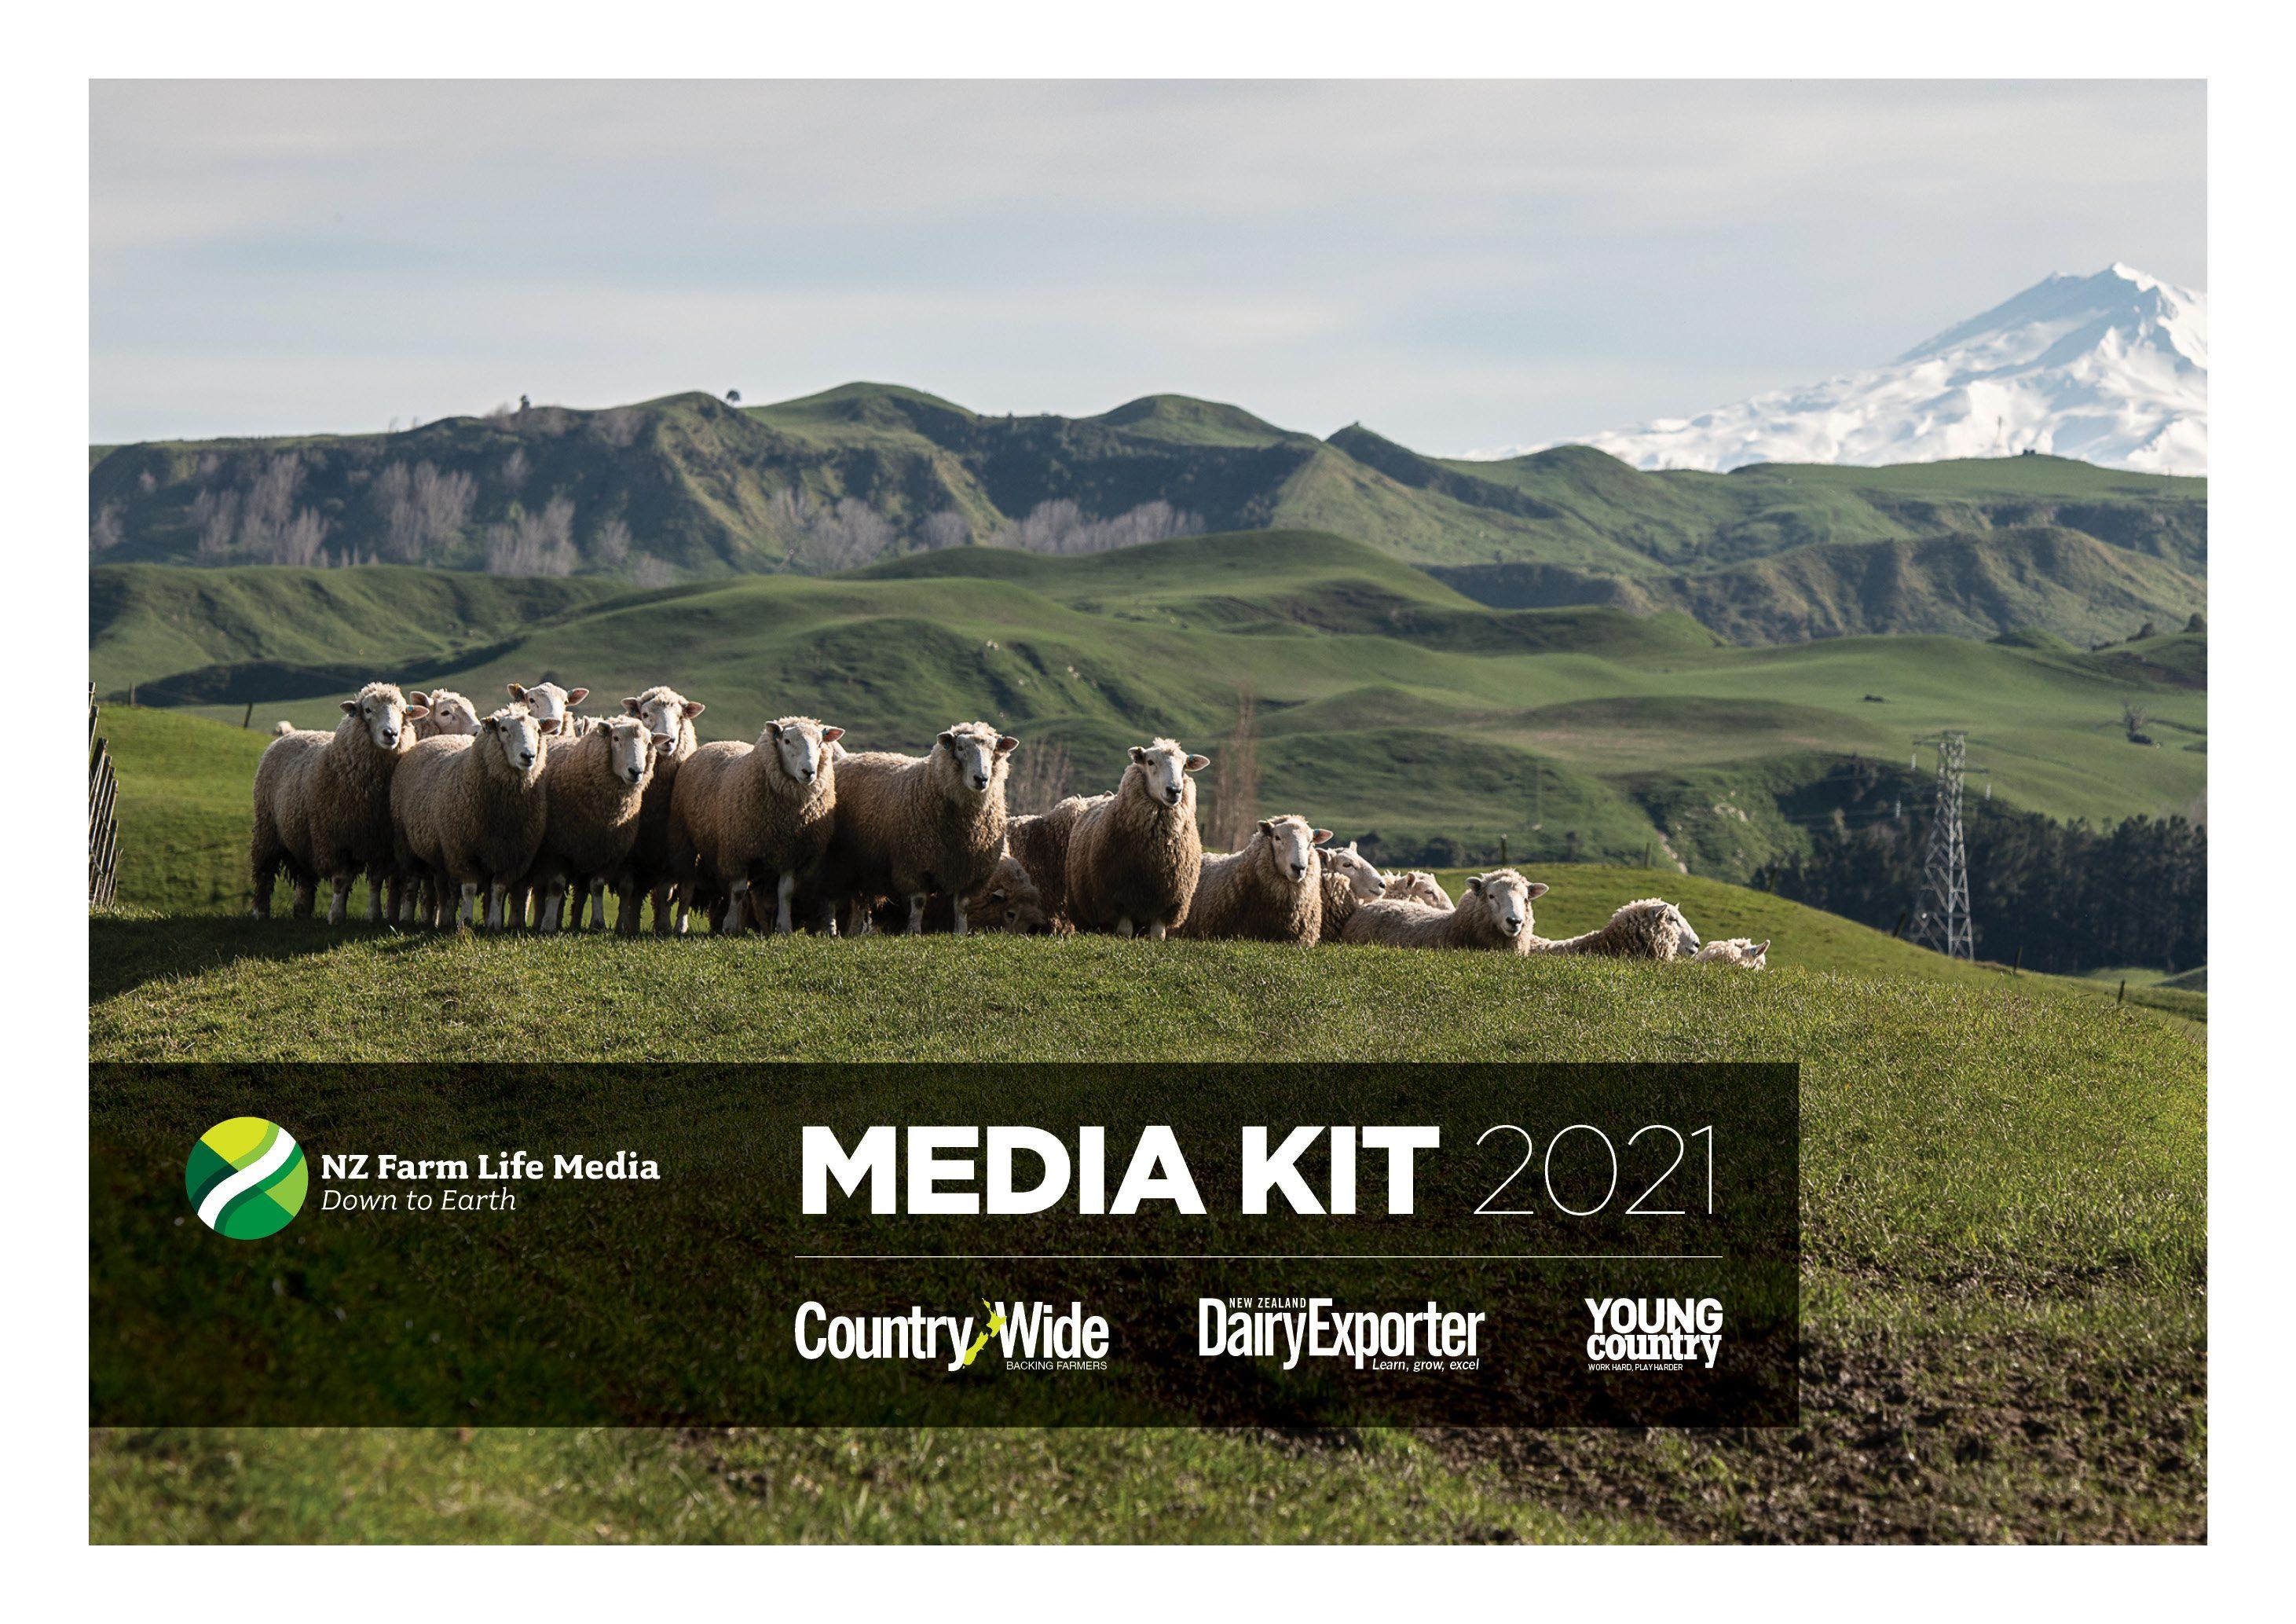 Media Kit 2021 Cover